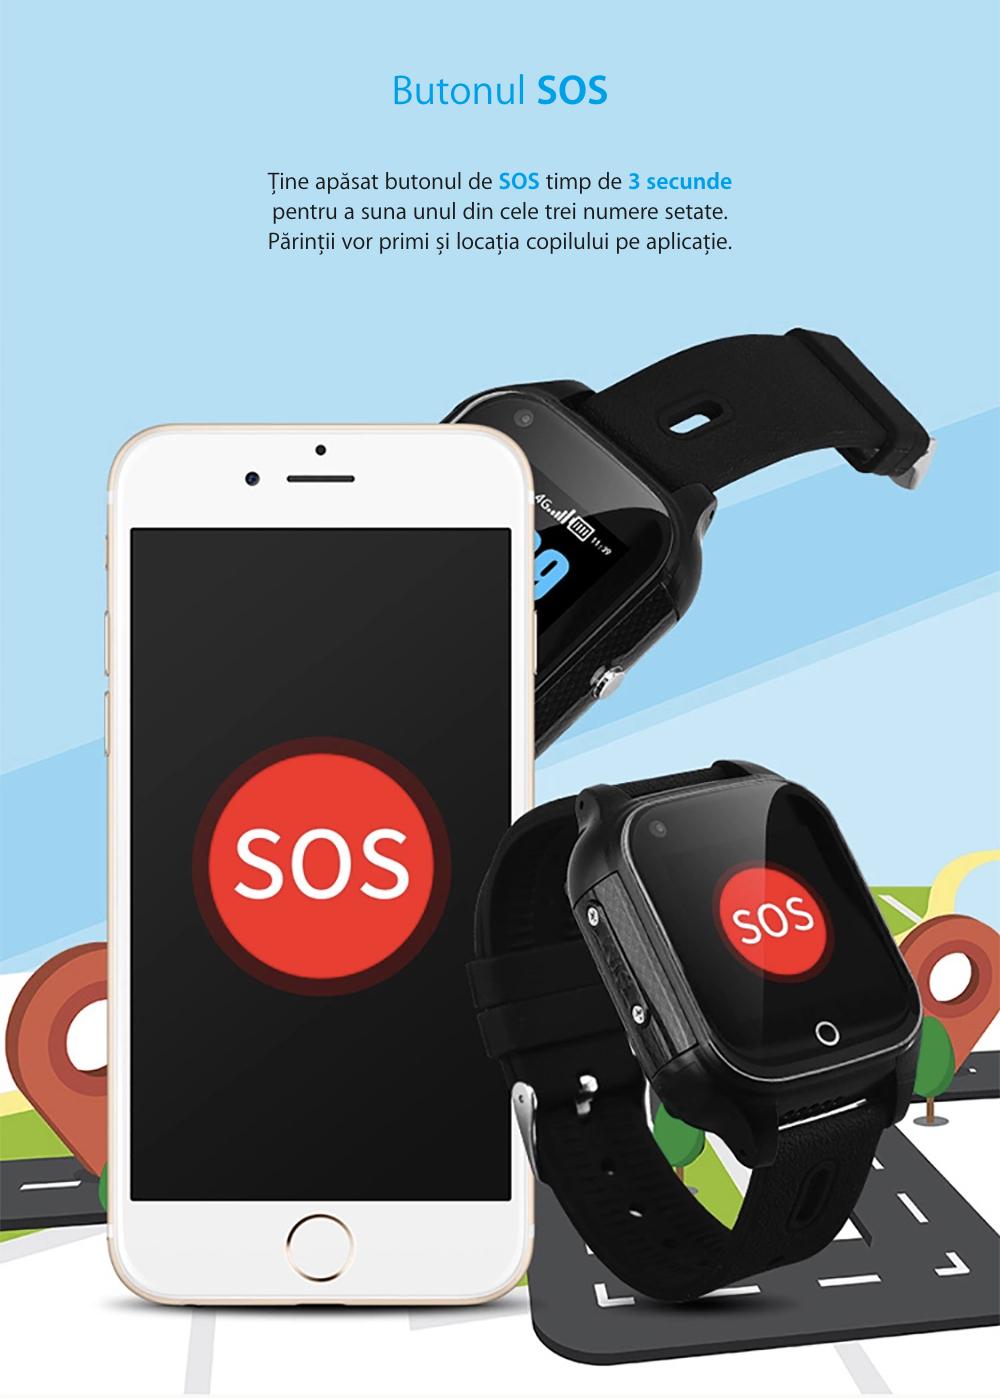 Ceas Smartwatch Pentru Copii i365-Tech FA28 cu Functie Telefon, Apel video, Localizare GPS, Camera, Pedometru, SOS, IP54, 4G, Negru